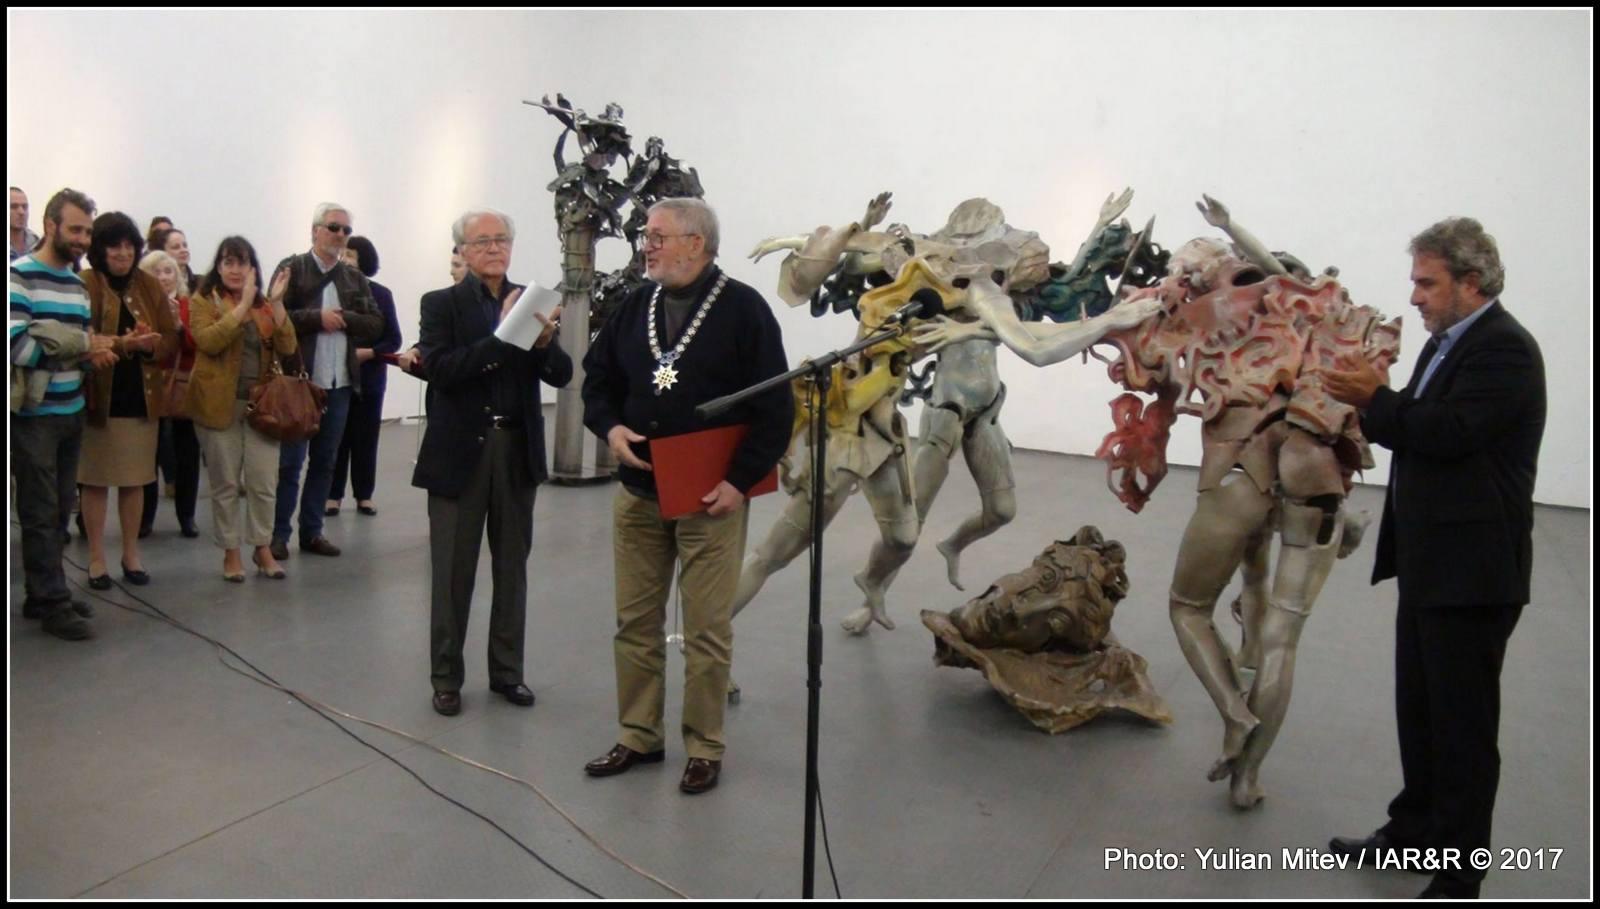 Приветстван топло от събралото се множество почитатели на неговото творчество, скулпторът благодари за проявения към неговото дело интерес